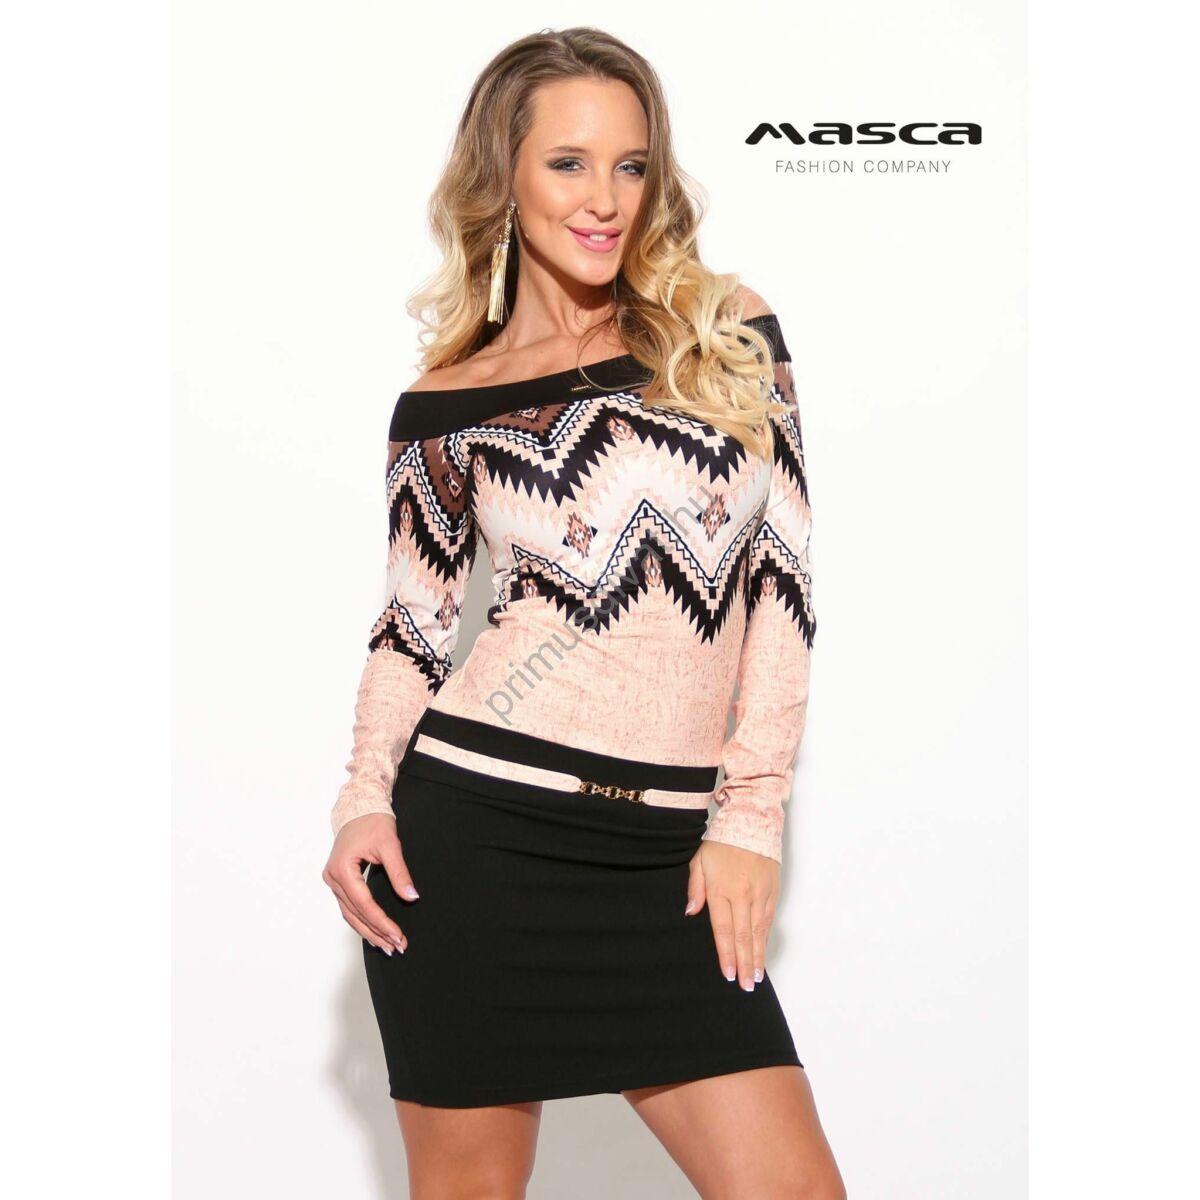 Masca Fashion vállra húzós, azték mintás, fekete szoknyarészű miniruha, elején övpánttal